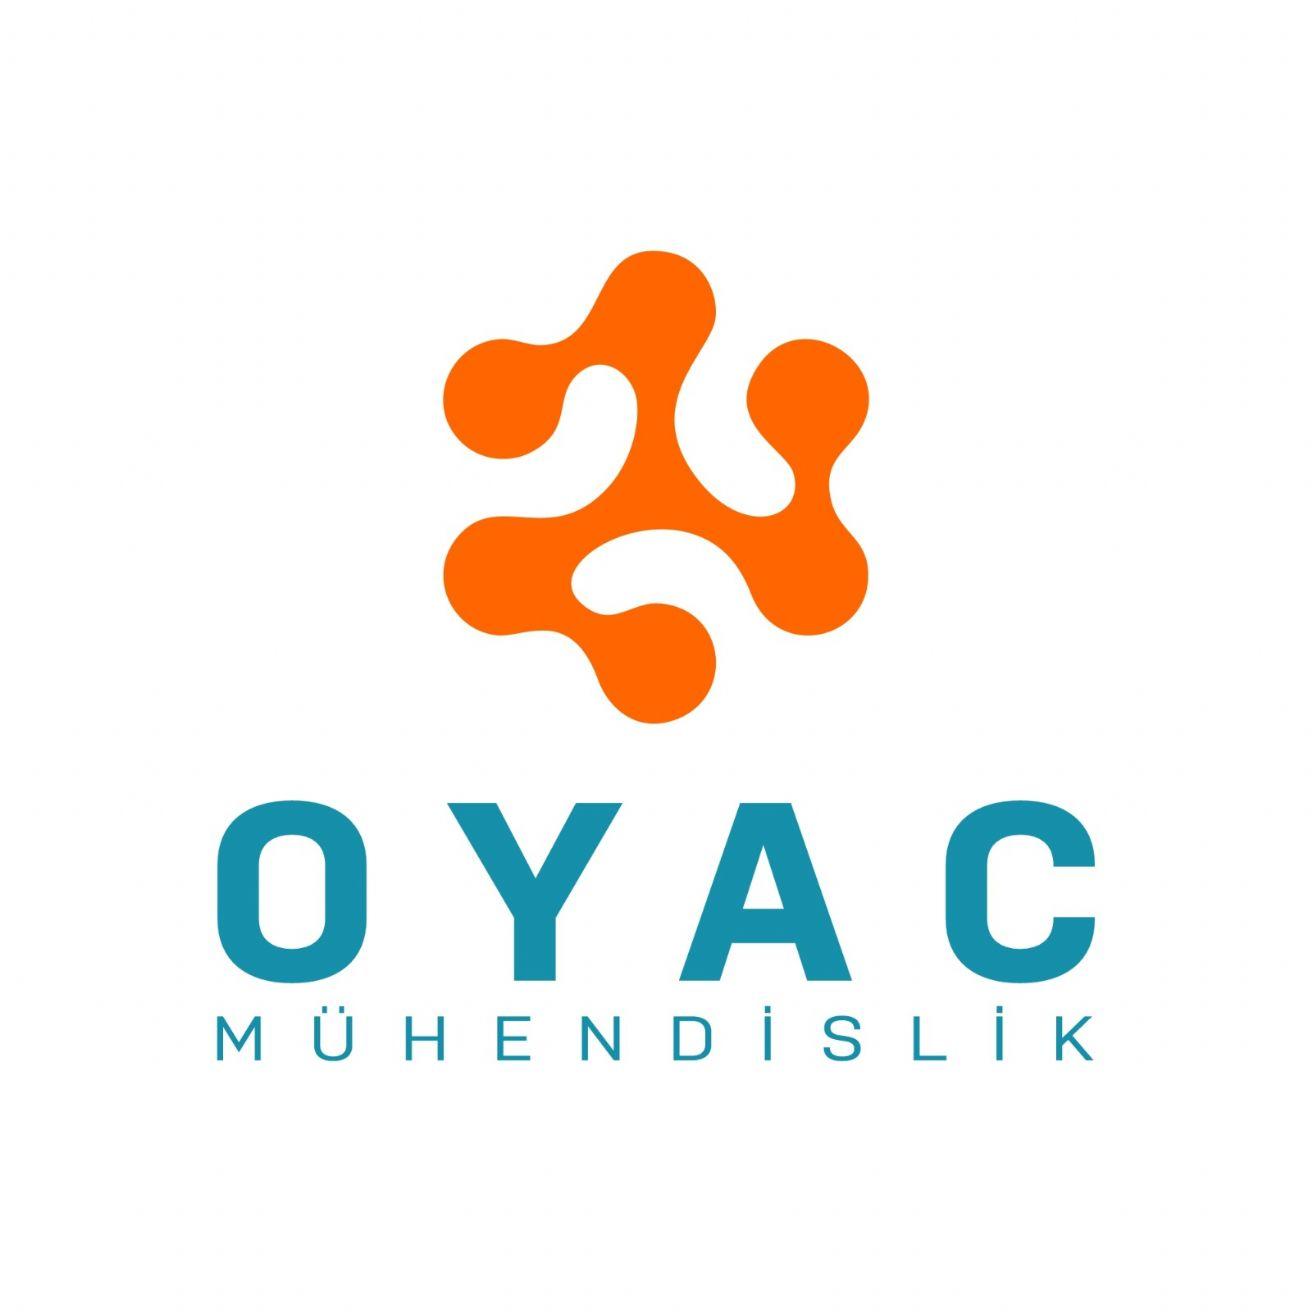 OYAC  Mühendislik